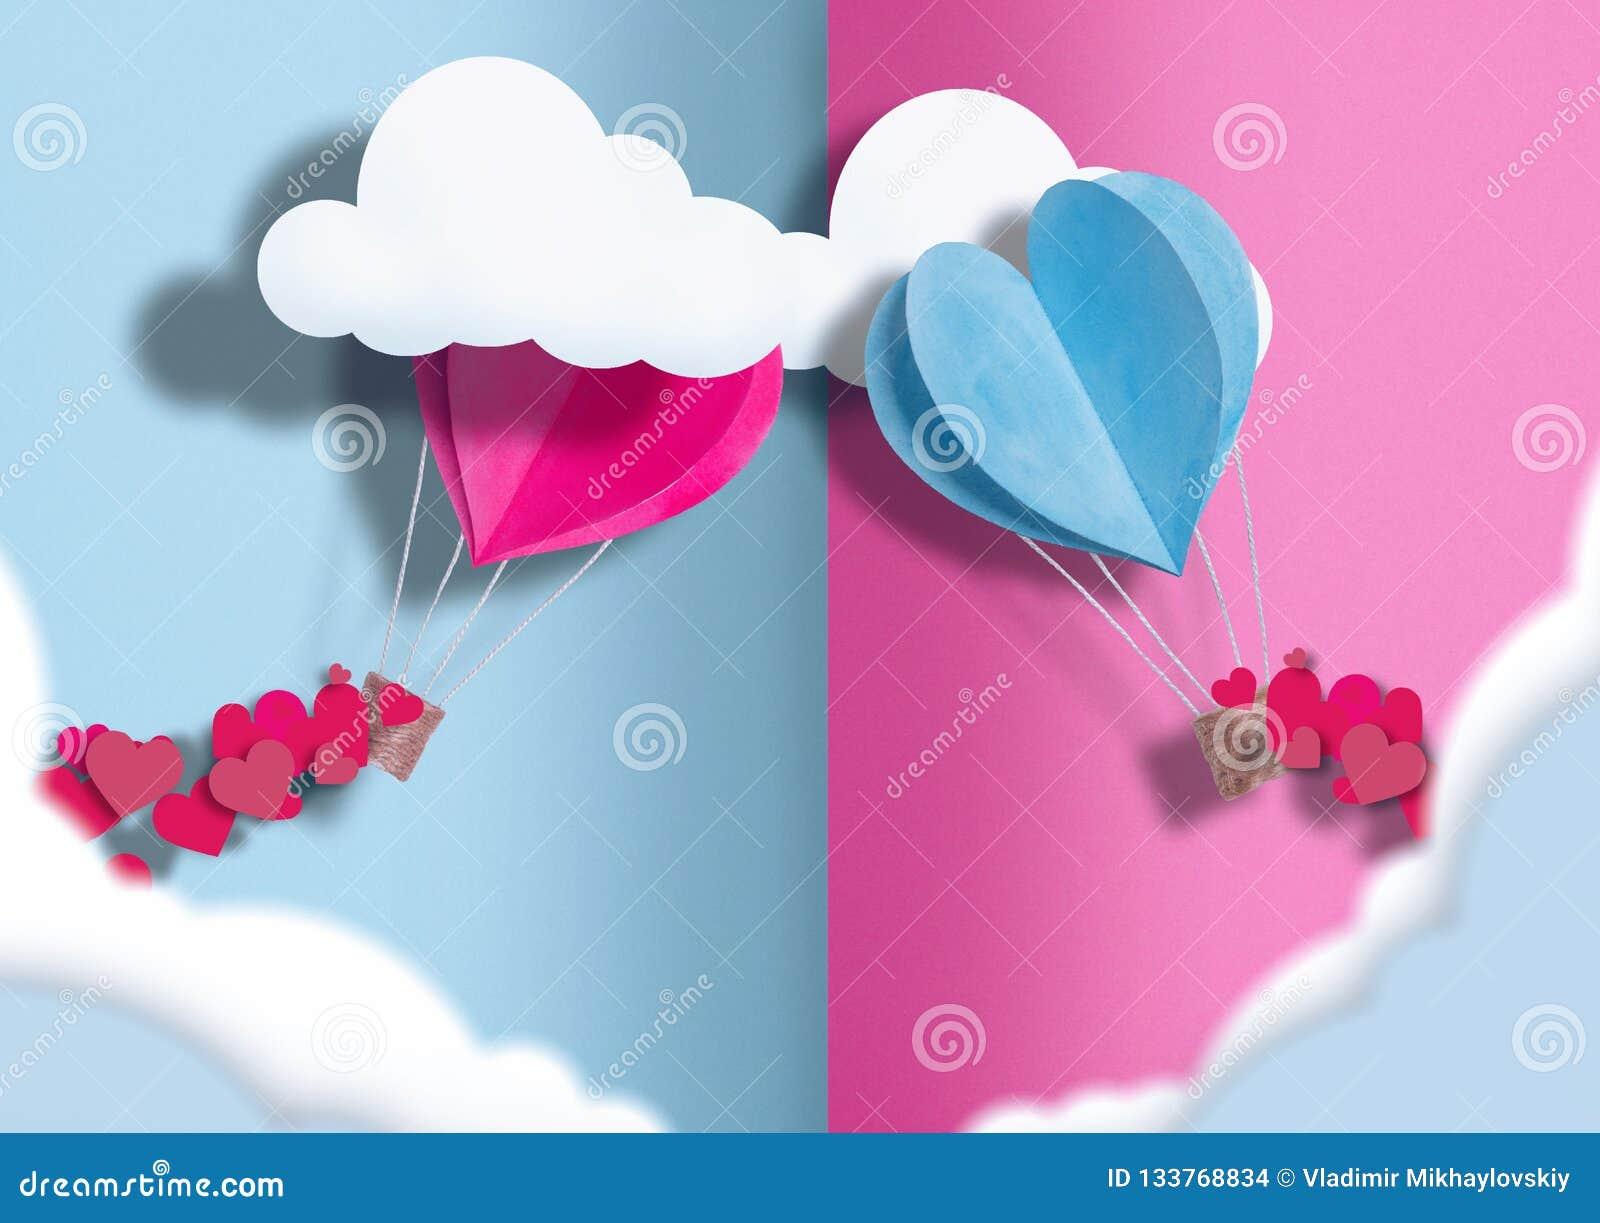 Ilustracja dzień wszystkie kochankowie balony błękit i menchie rozpraszają wokoło one mali serca